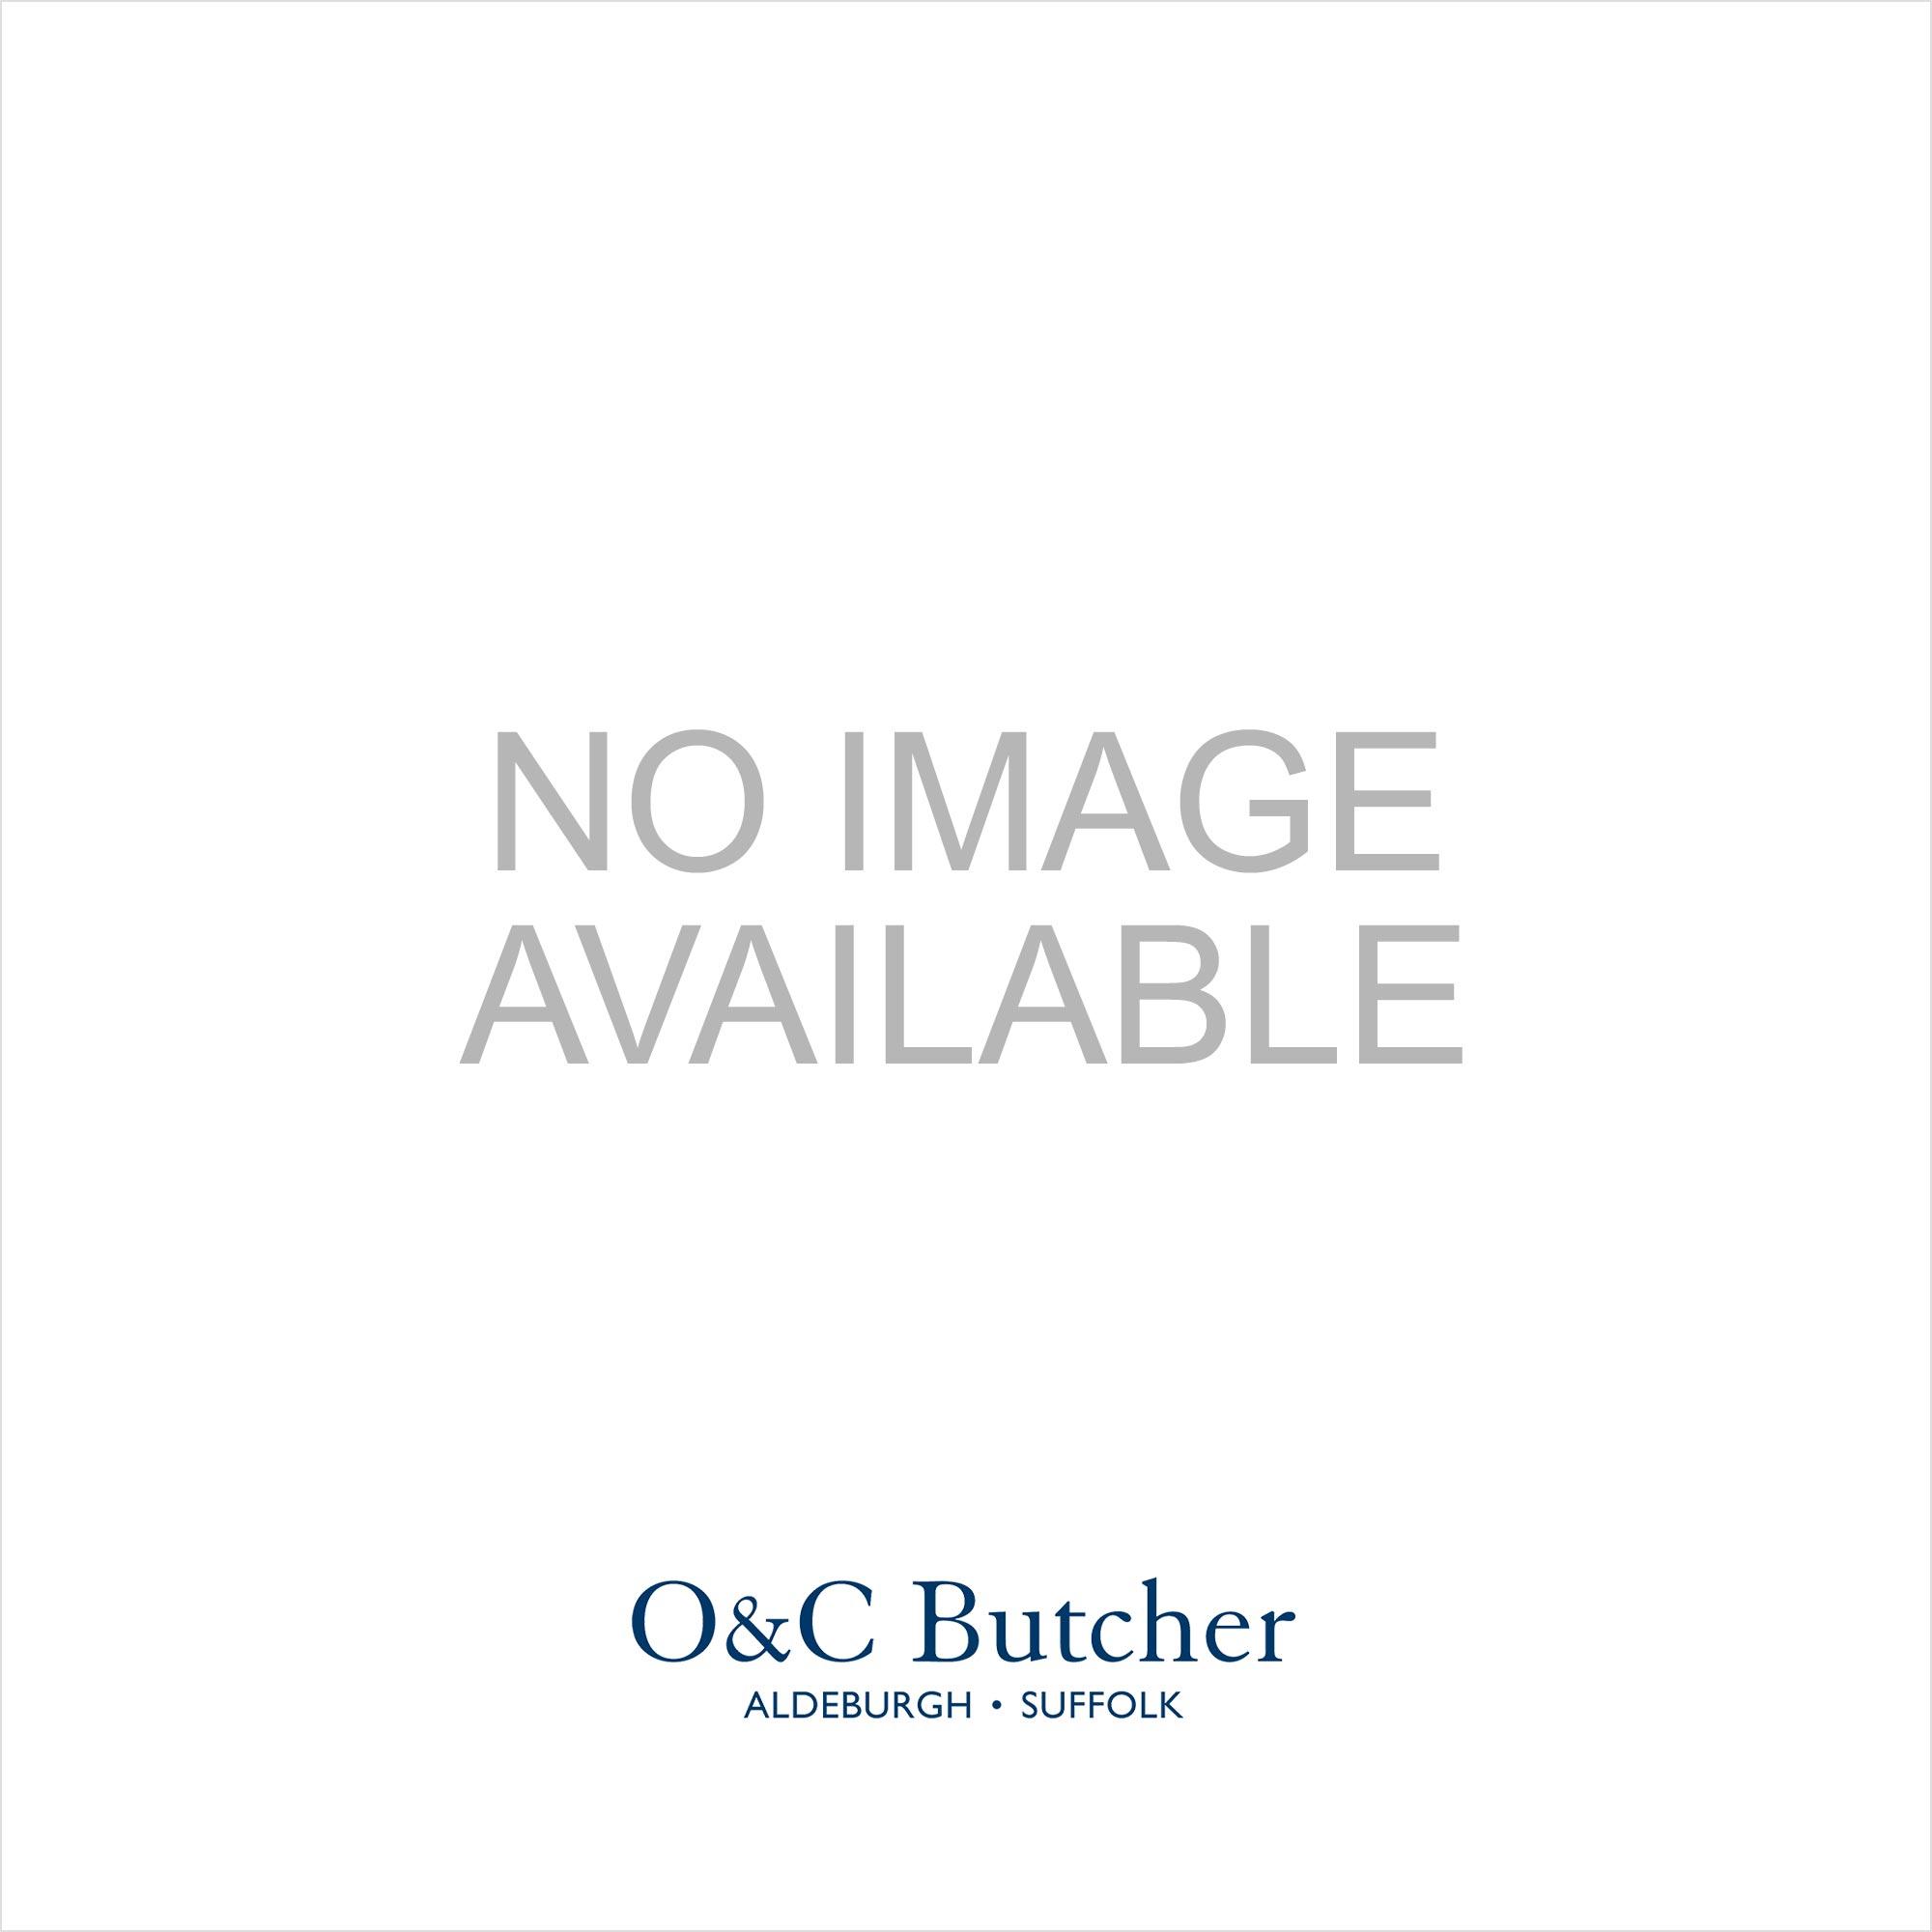 Marc Aurel Jeans - Womens Trousers & Jeans: O&C Butcher